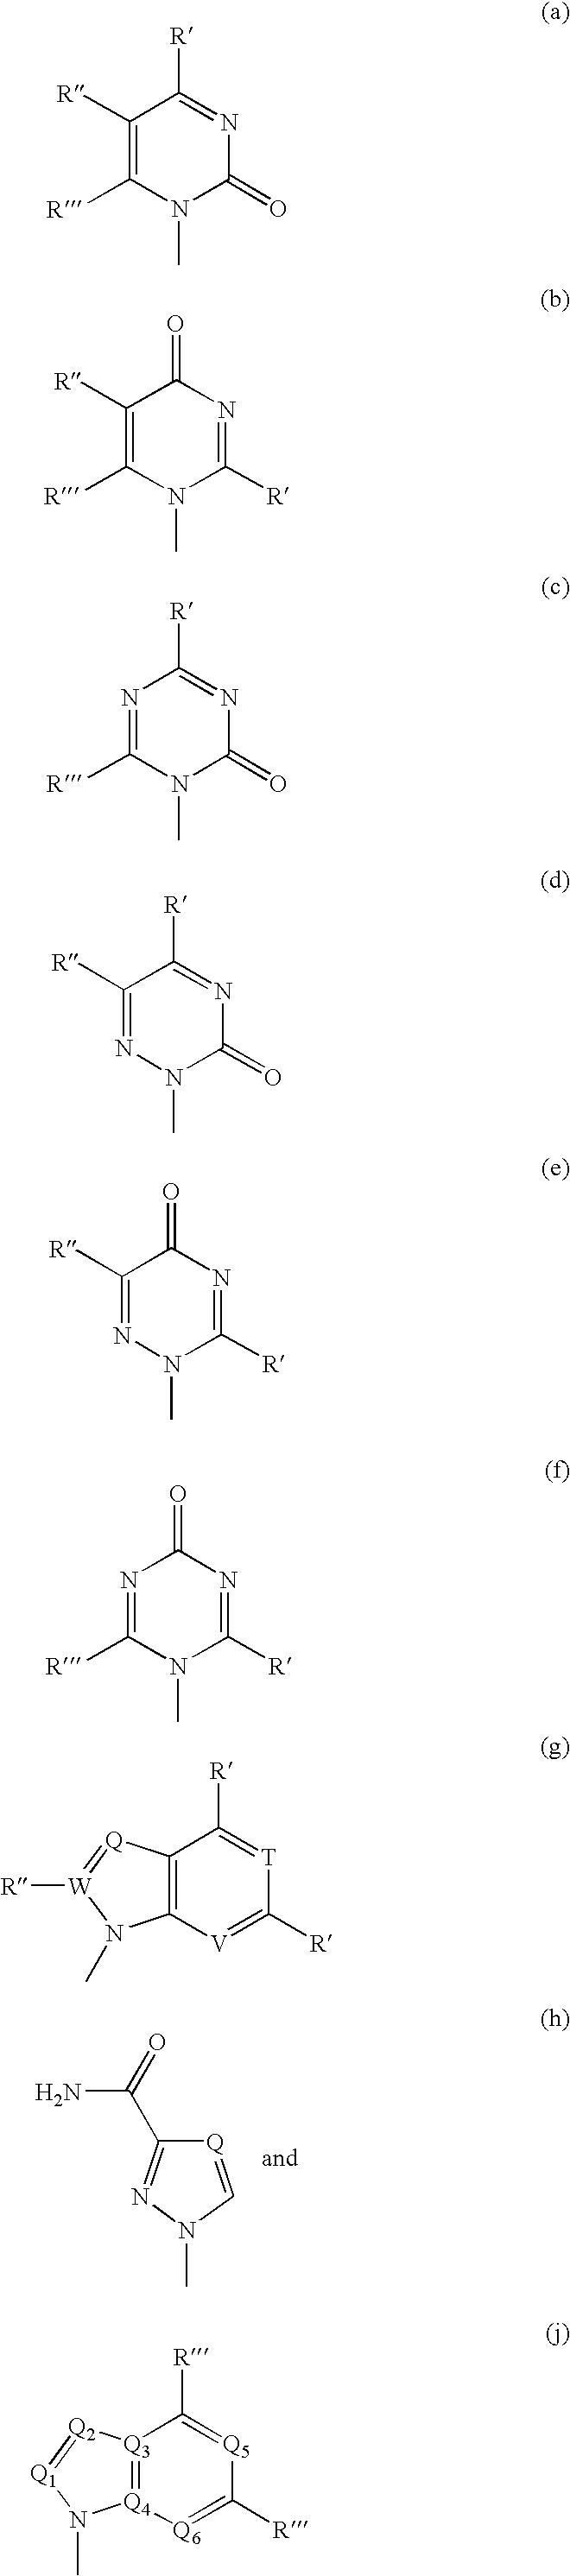 Figure US07608600-20091027-C00024